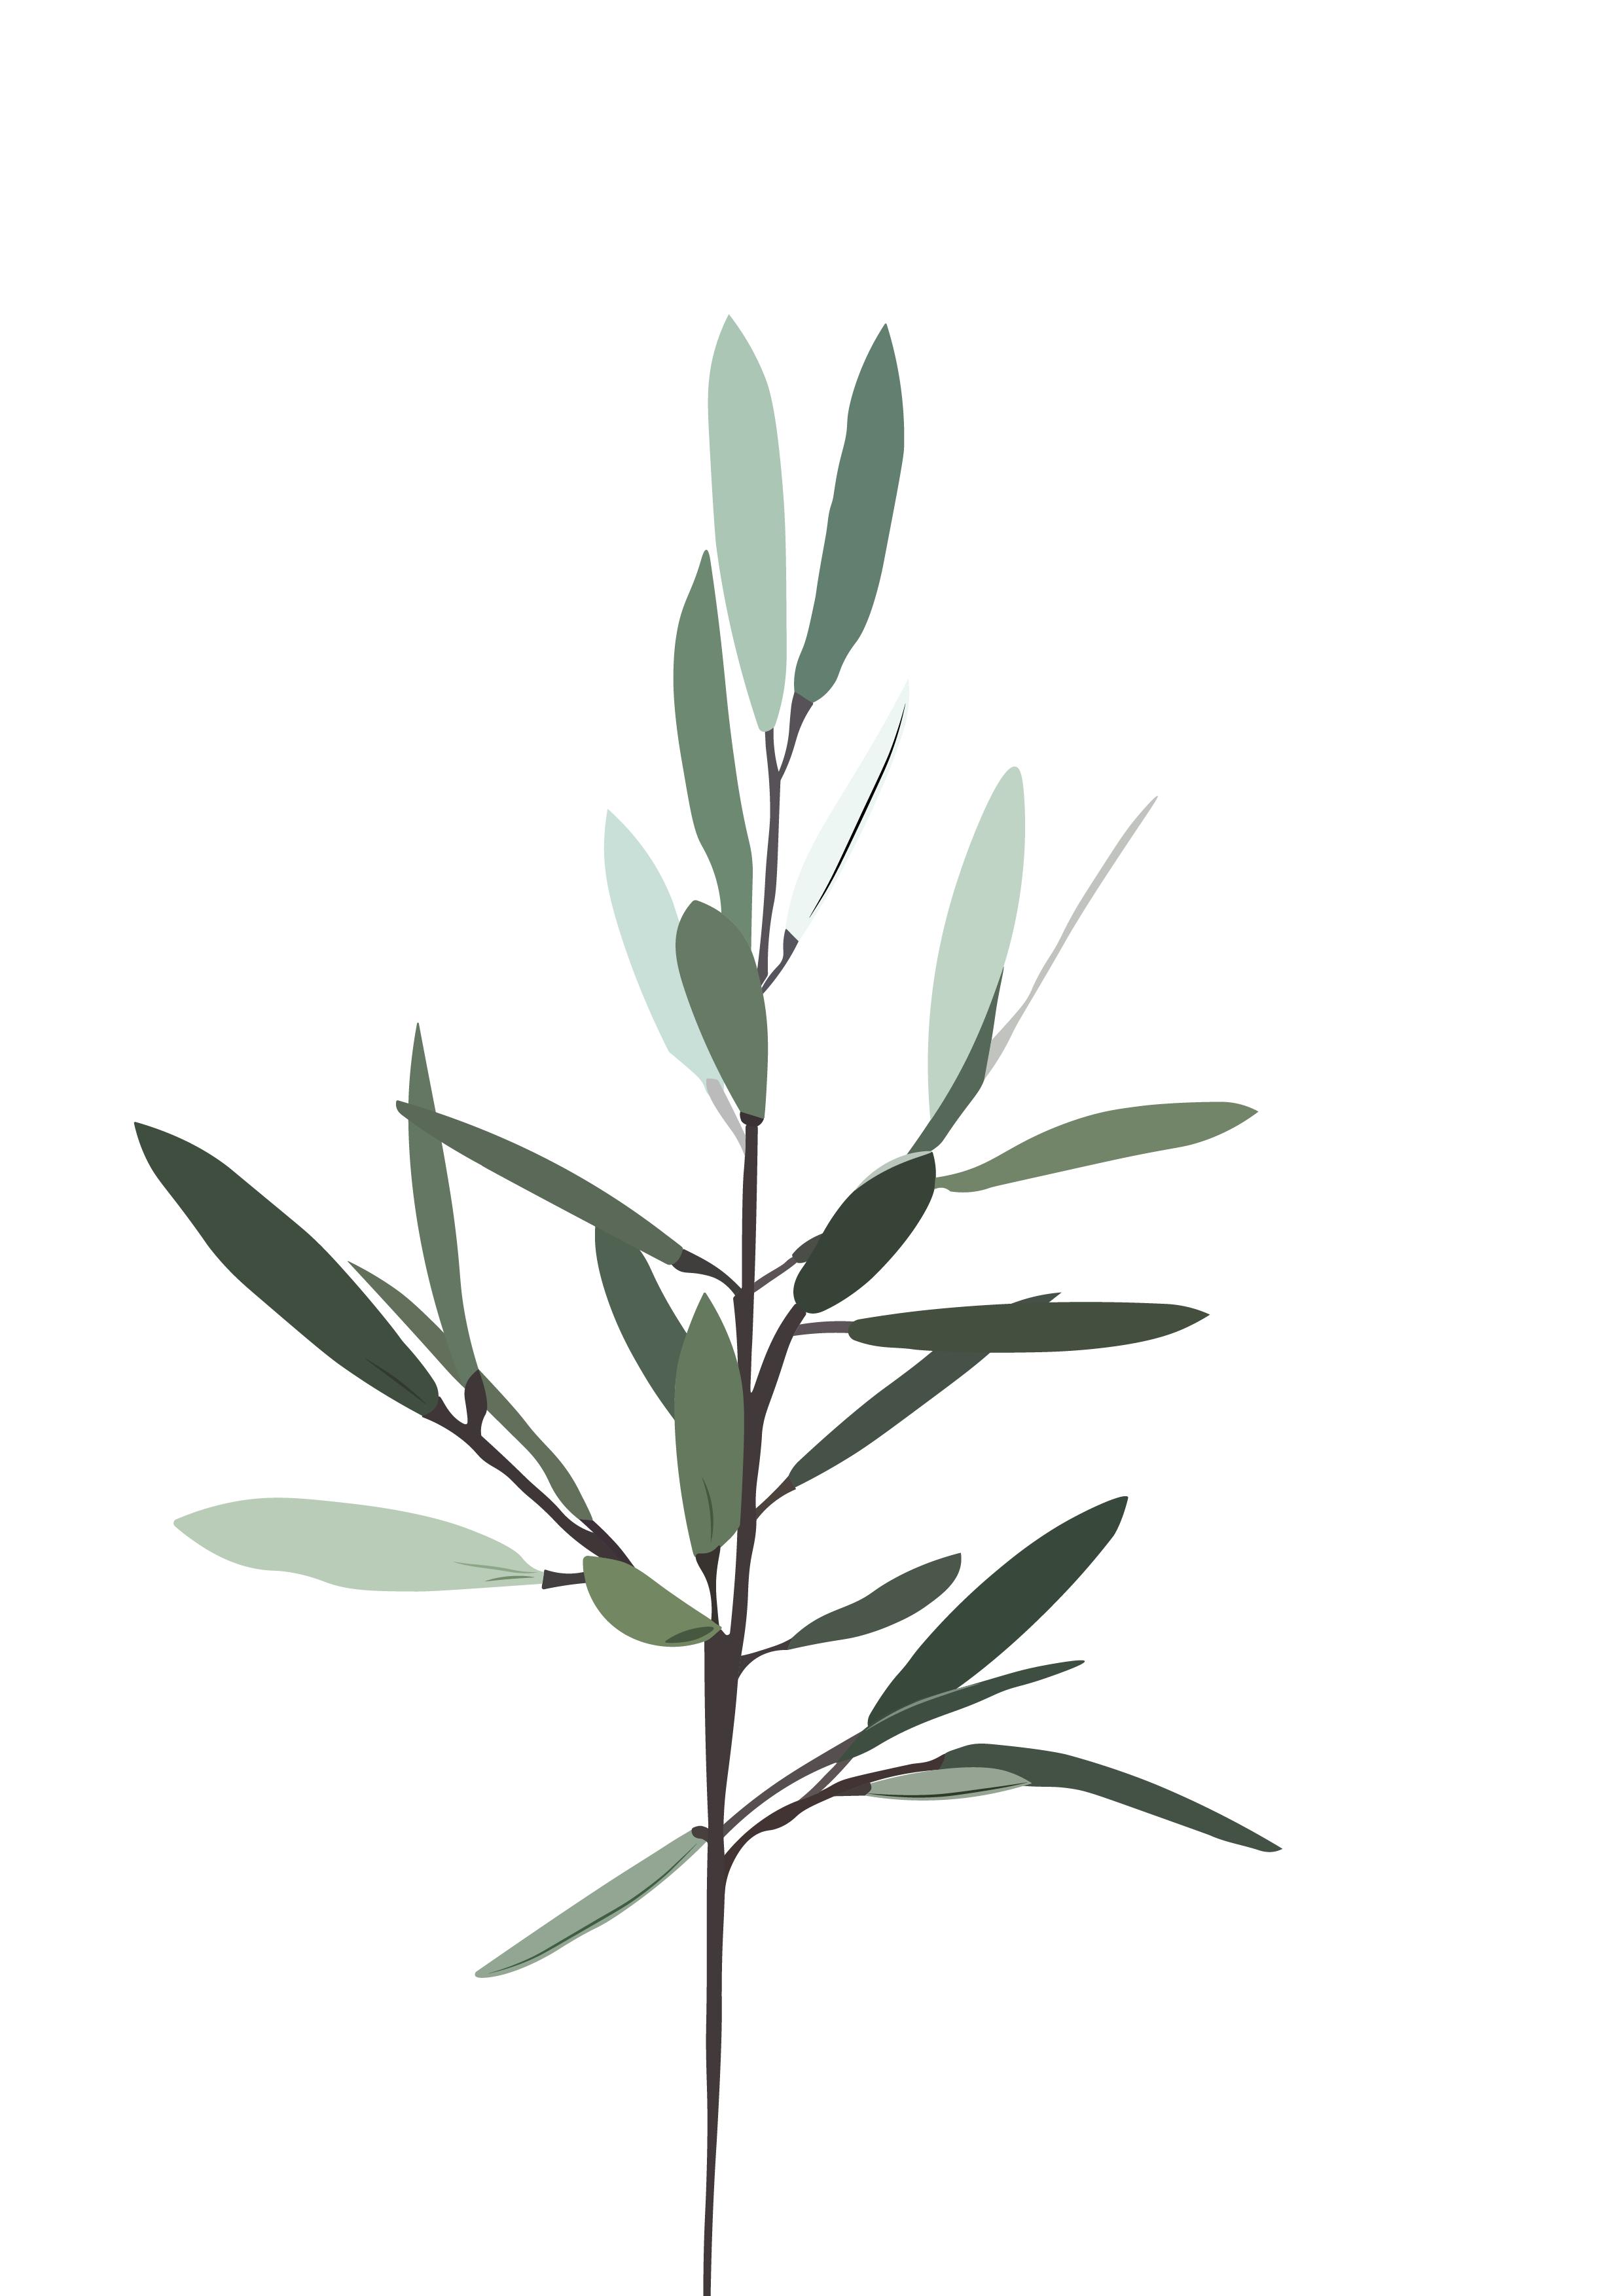 Olive Branch Olive Branch Meaning Garden Of Gethsemane Olive Branch